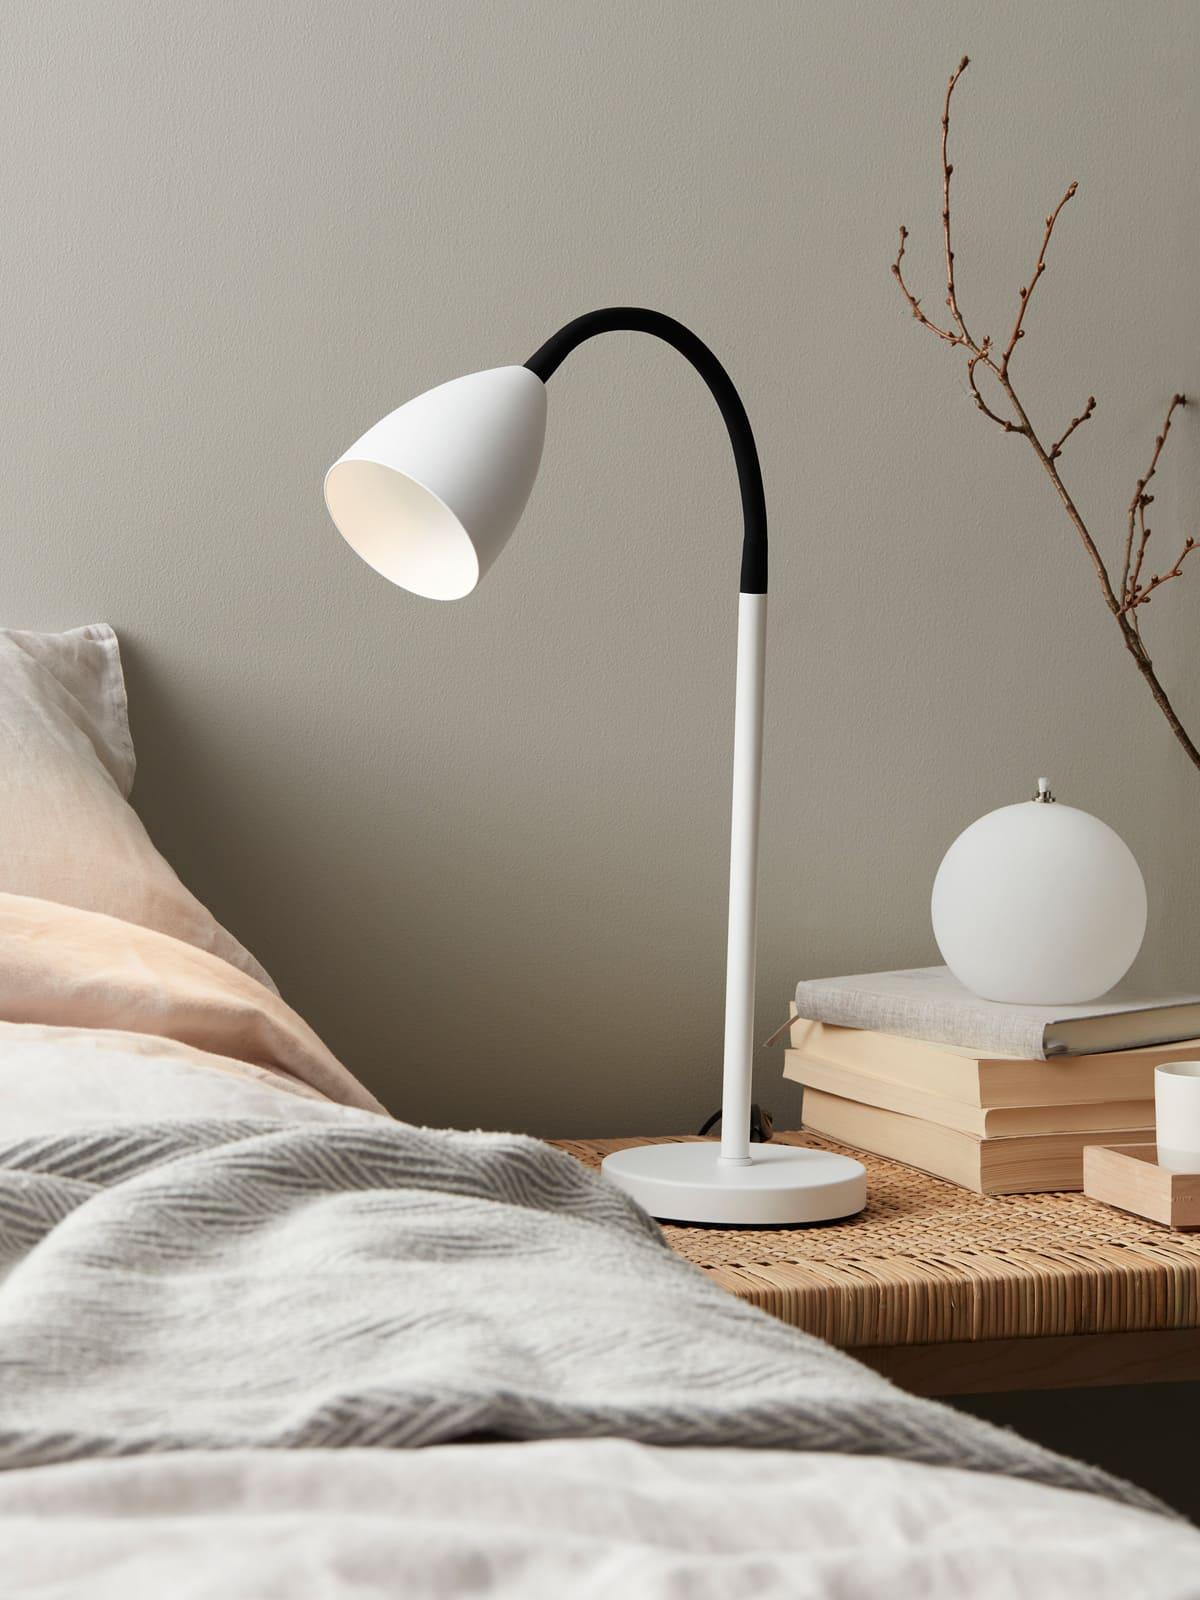 Belid Lampe Trotsig Tischleuchte DesignOrt Leuchten Berlin